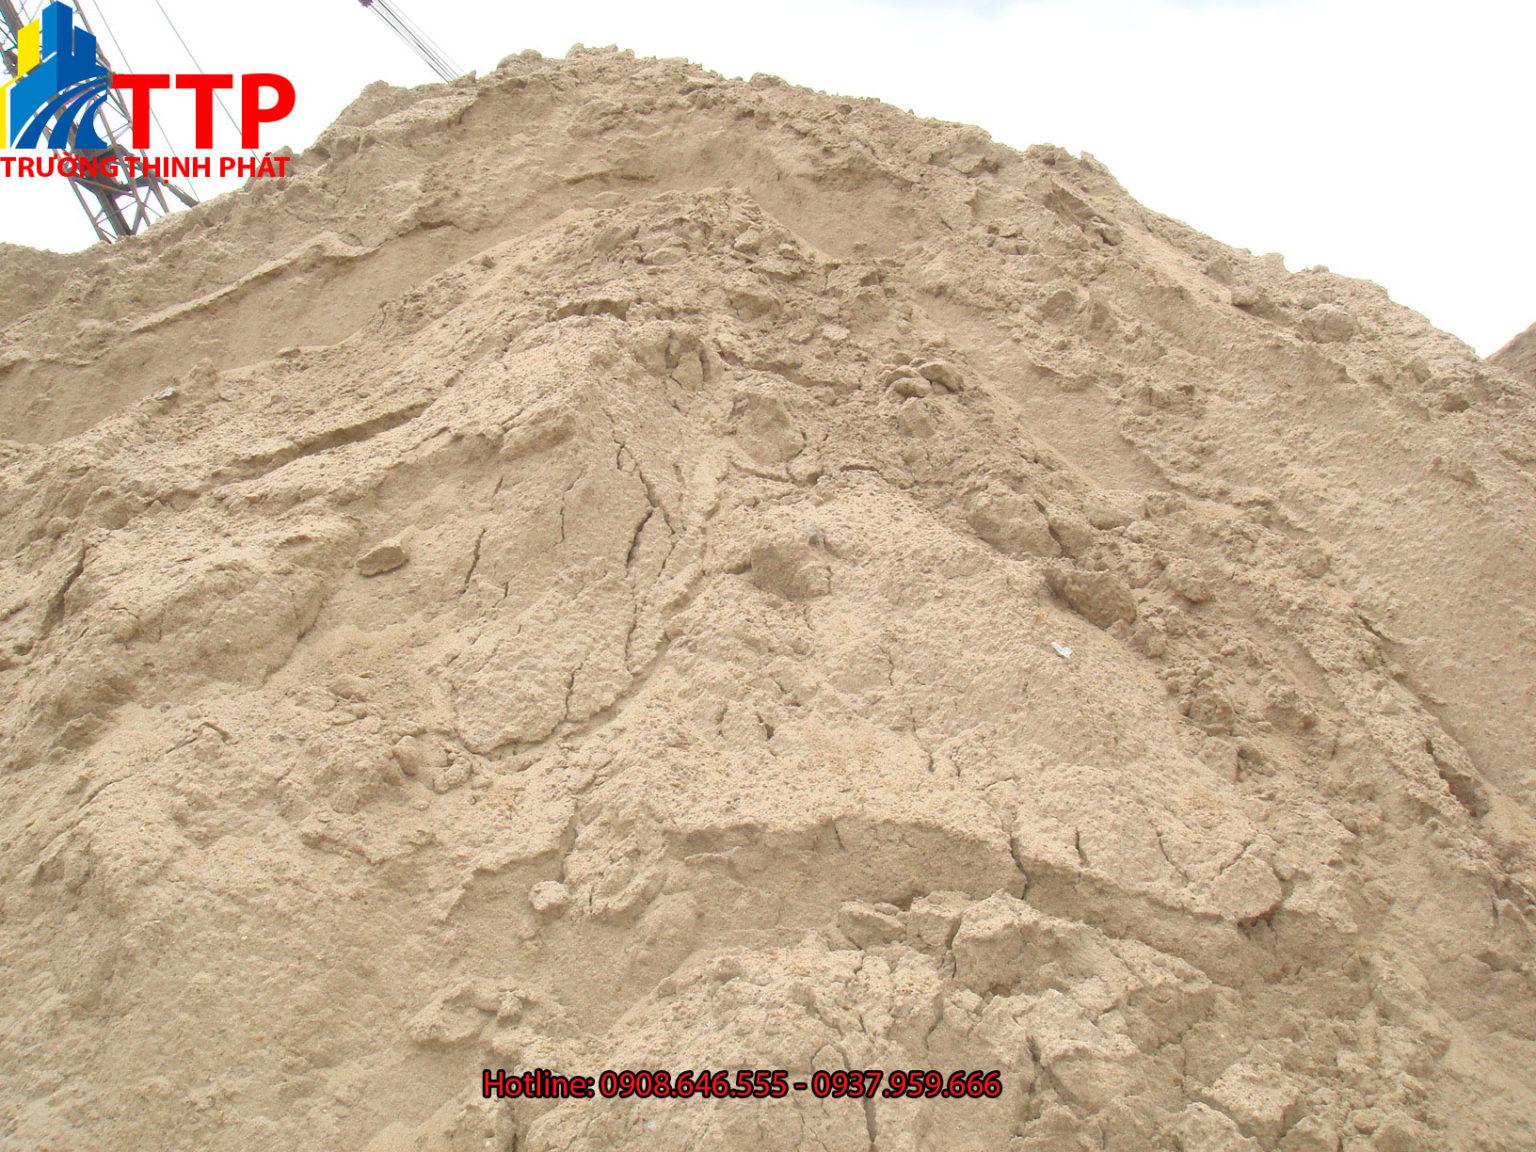 Báo giá cát bê tông rửa- Bảng giá cát bê tông mới nhất tại tphcm